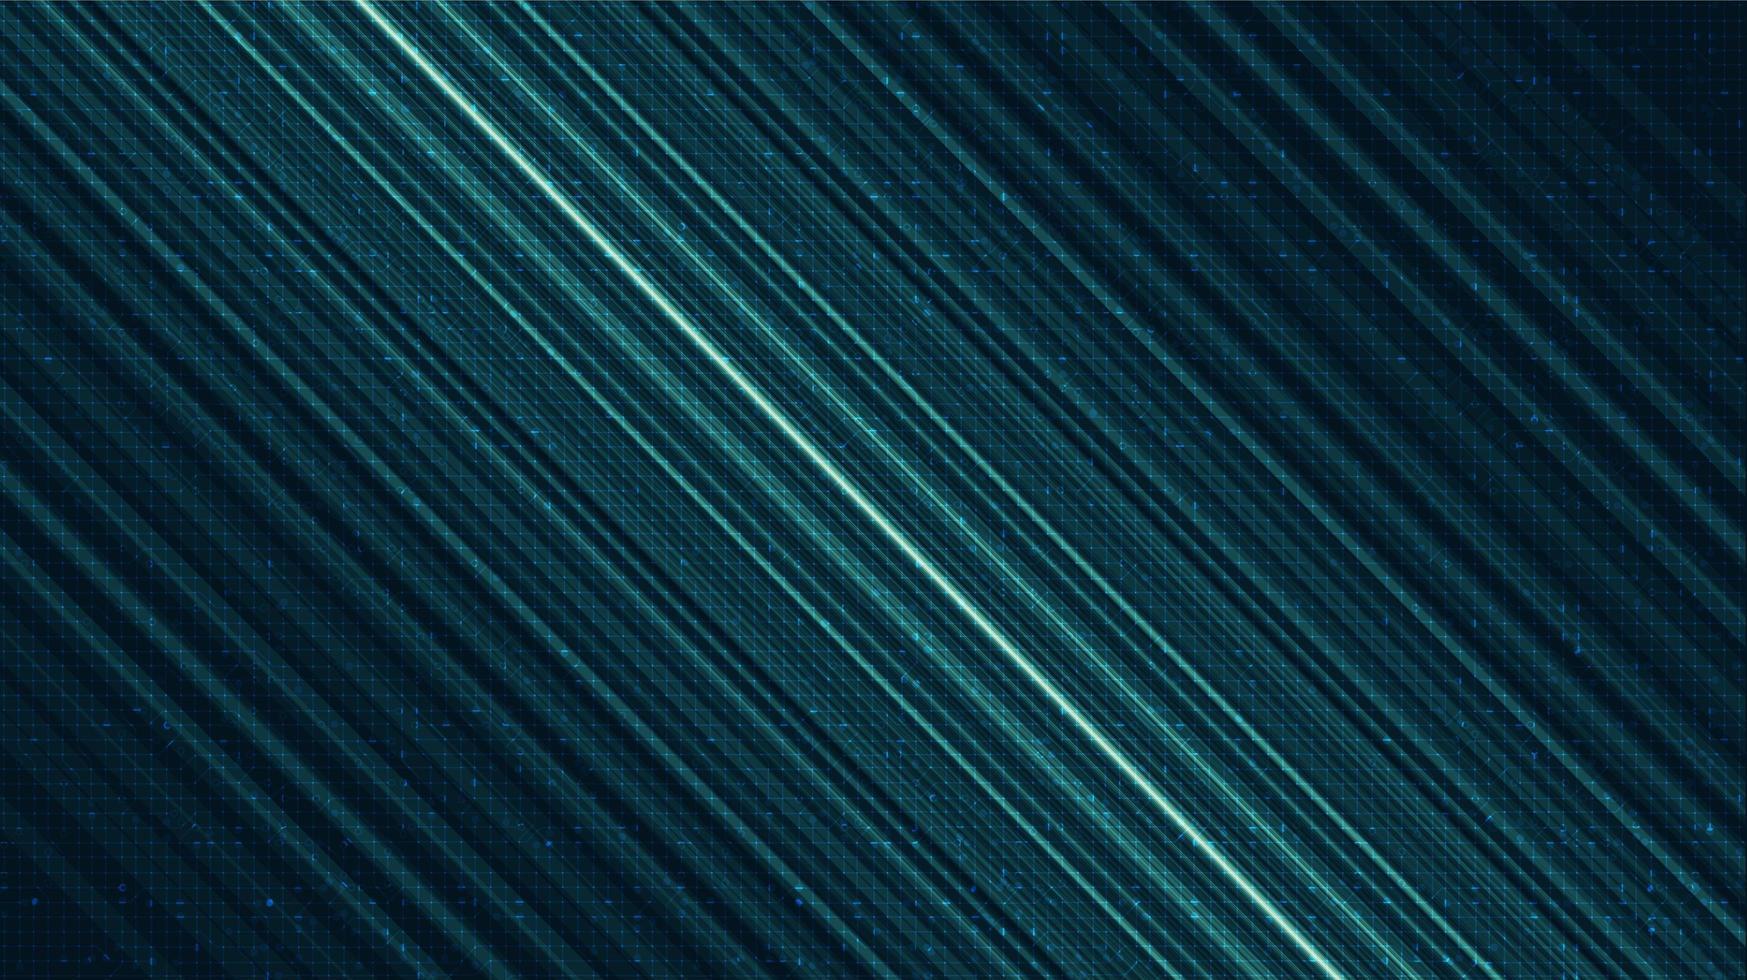 modern teknikbakgrund, högteknologisk digital- och kommunikationskonceptdesign, ledigt utrymme för text i put, vektorillustration. vektor